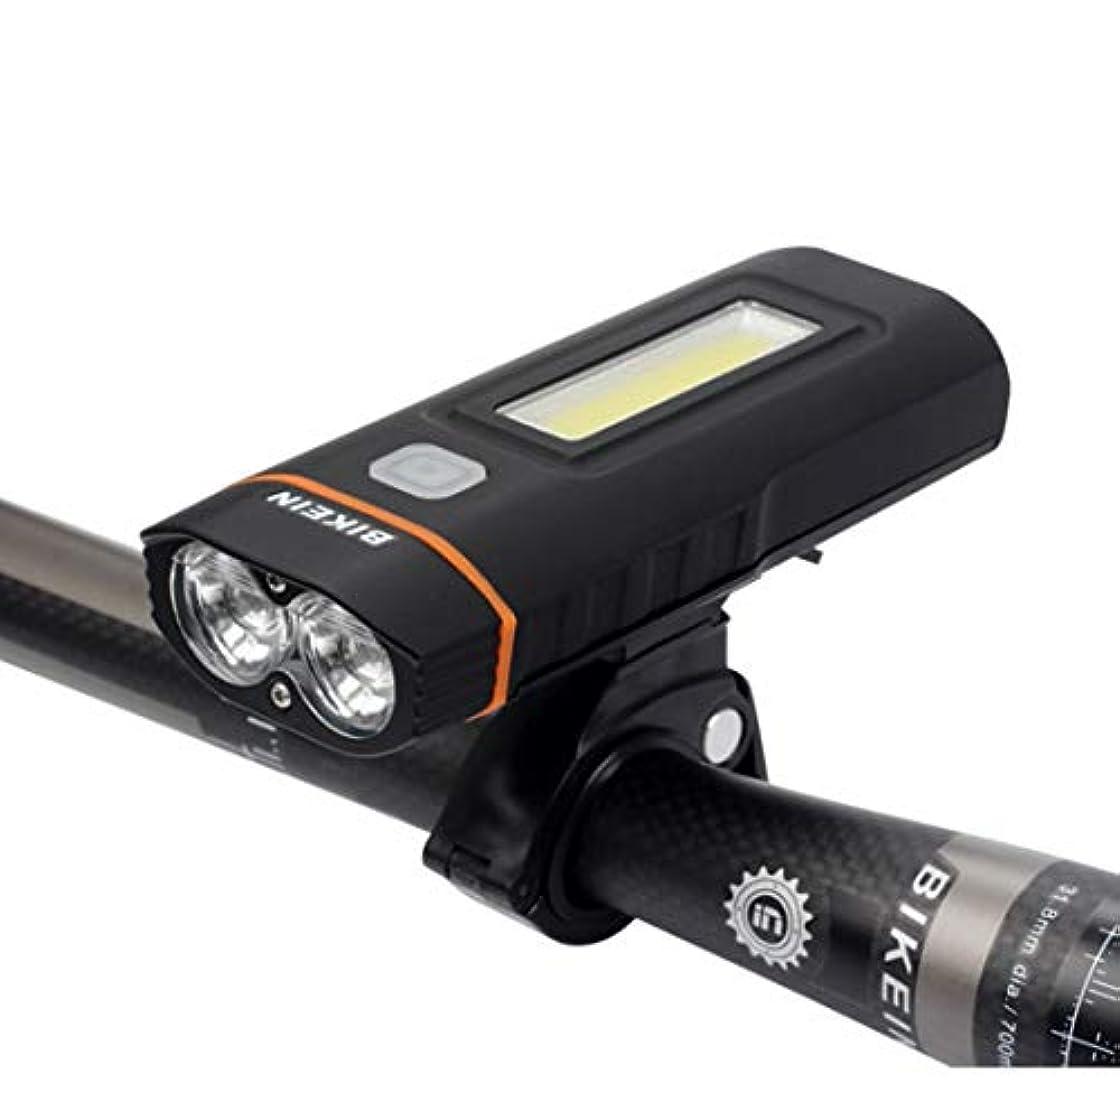 考古学者枯れるめんどりCAFUTY マウンテンバイクアクセサリーロードバイクライトUSB充電ヘッドライトサイクリング用品夜間走行警告灯 (Color : ブラック)